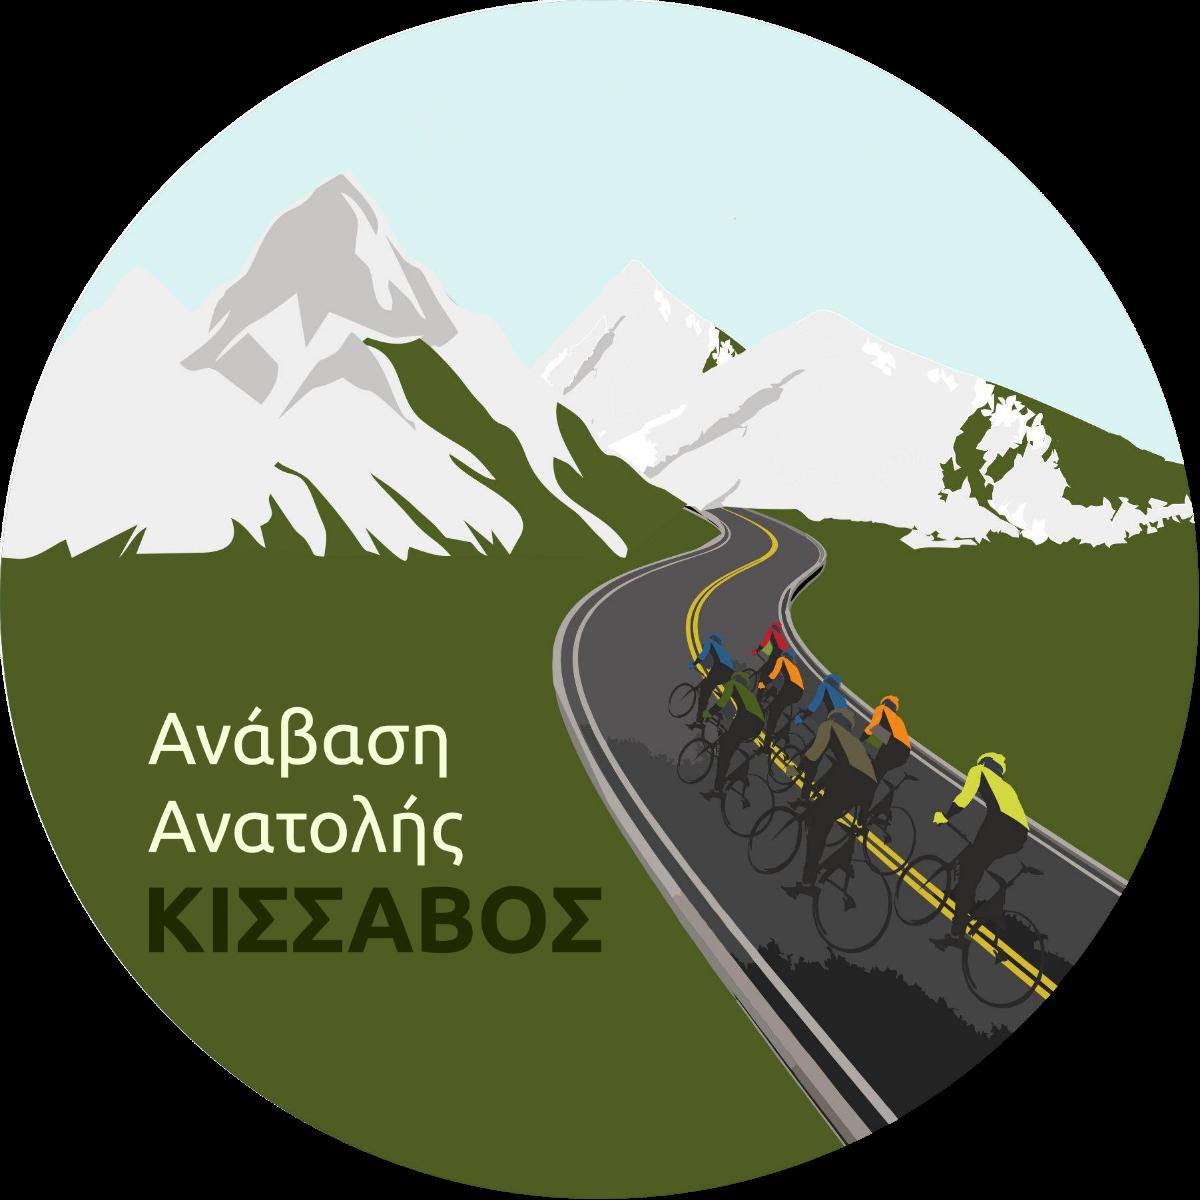 ΠΡΟΚΗΡΥΞΗ 27η Ανάβαση Ανατολής 2019 - Κίσσαβος